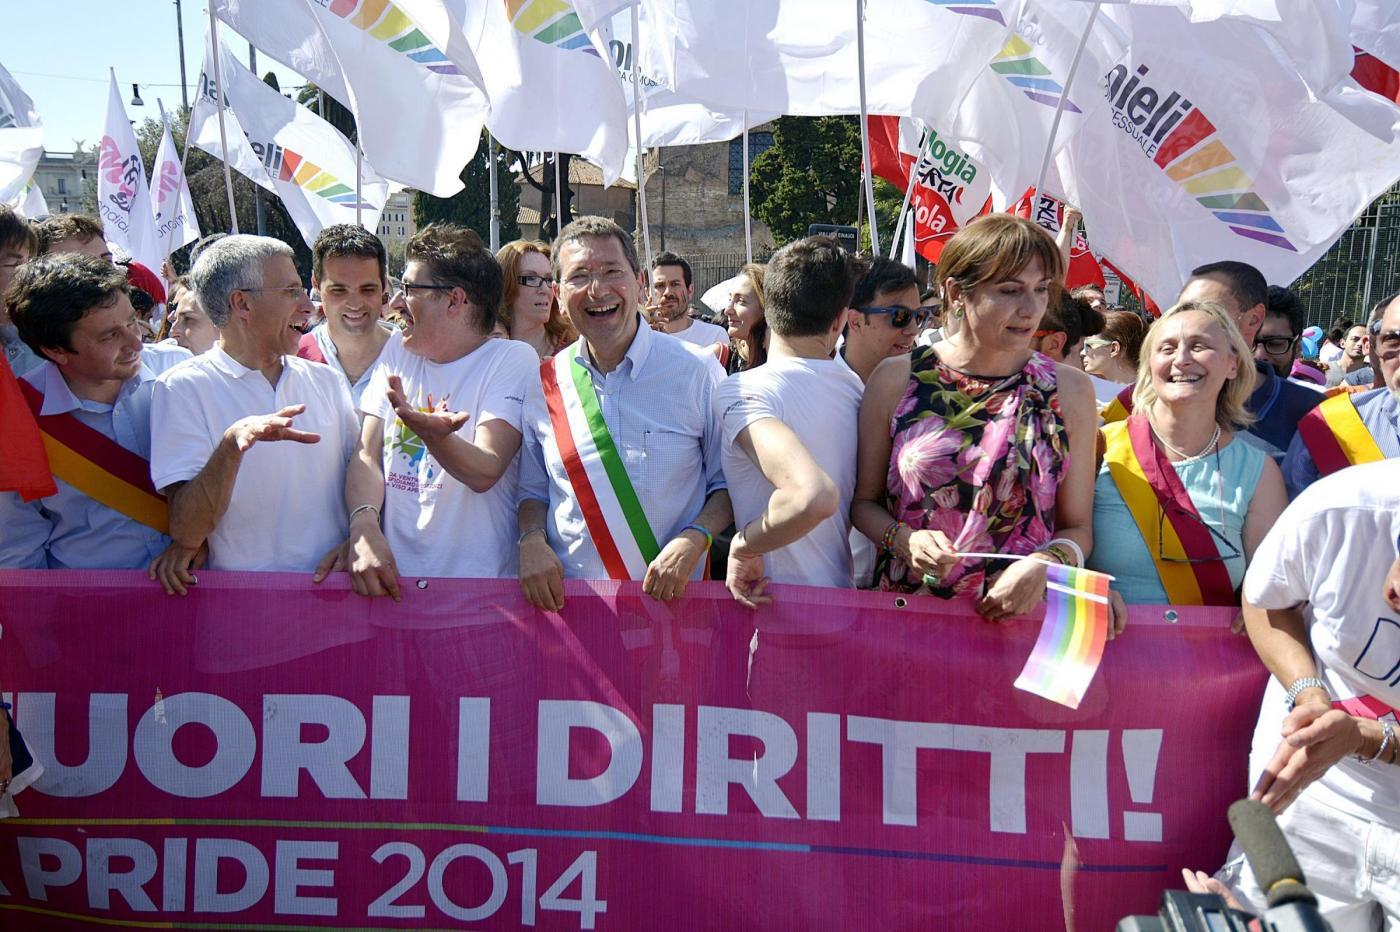 """Gay Pride 2014 a Roma: """"Renzi, fuori i diritti"""". Contro-marcia di Forza Nuova al Vaticano"""